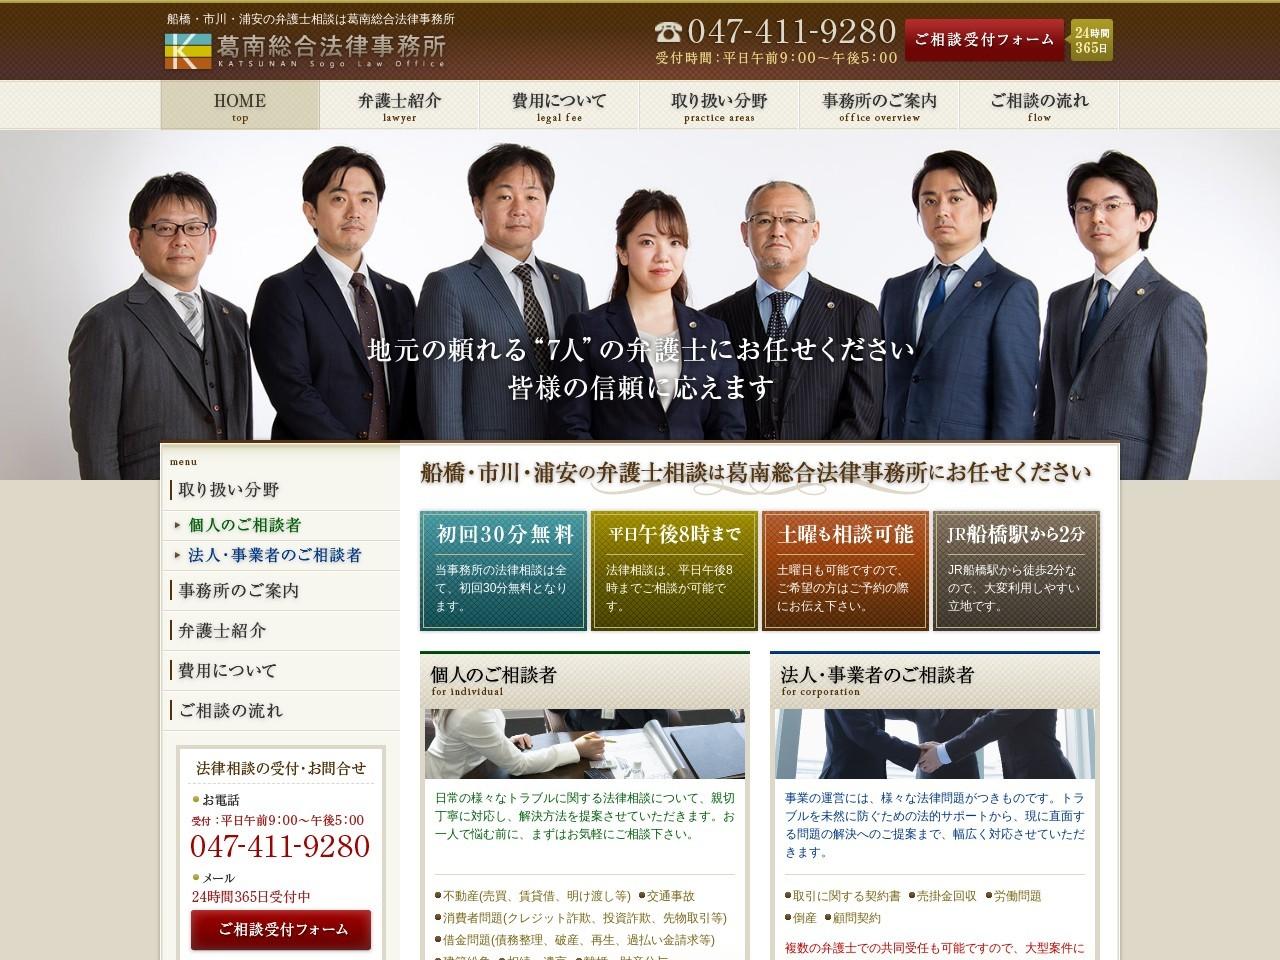 葛南総合法律事務所